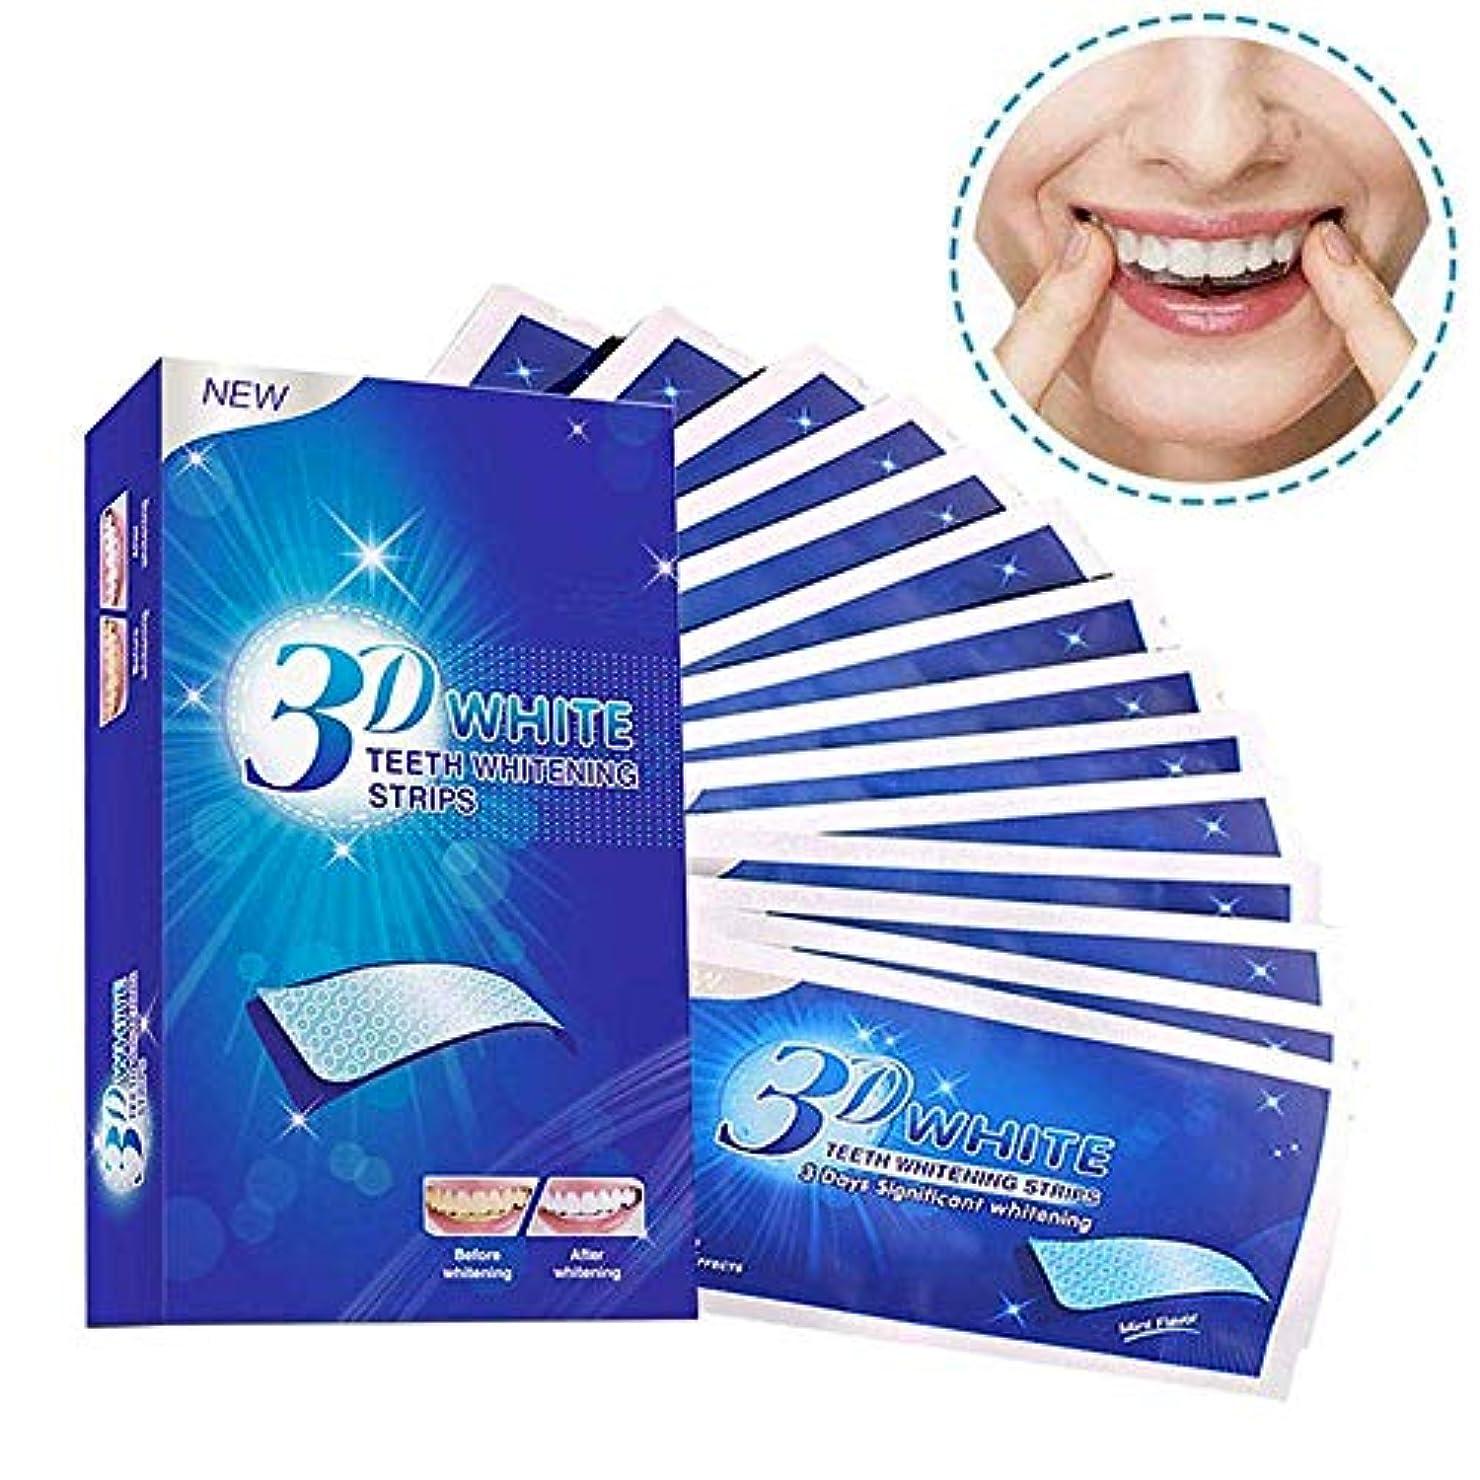 スローガンユーザー一元化する歯 美白 ホワイトニング マニキュア 歯ケア 歯のホワイトニング 美白歯磨き 歯を白 ホワイトニングテープ 歯を漂白 7セット/14枚 (7セット/14枚)